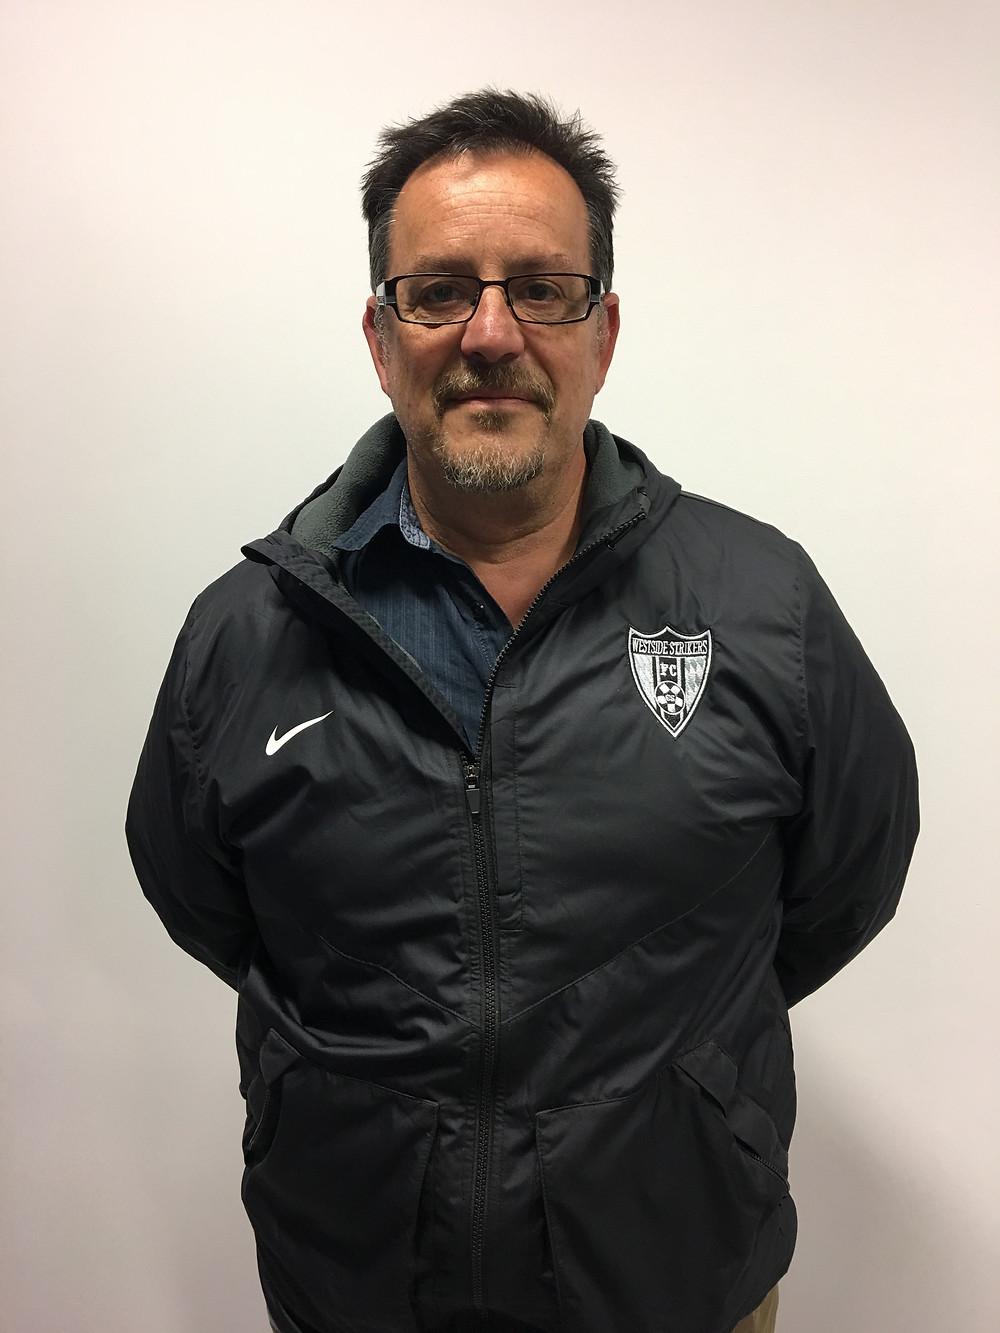 Sam Raniolo - Club President